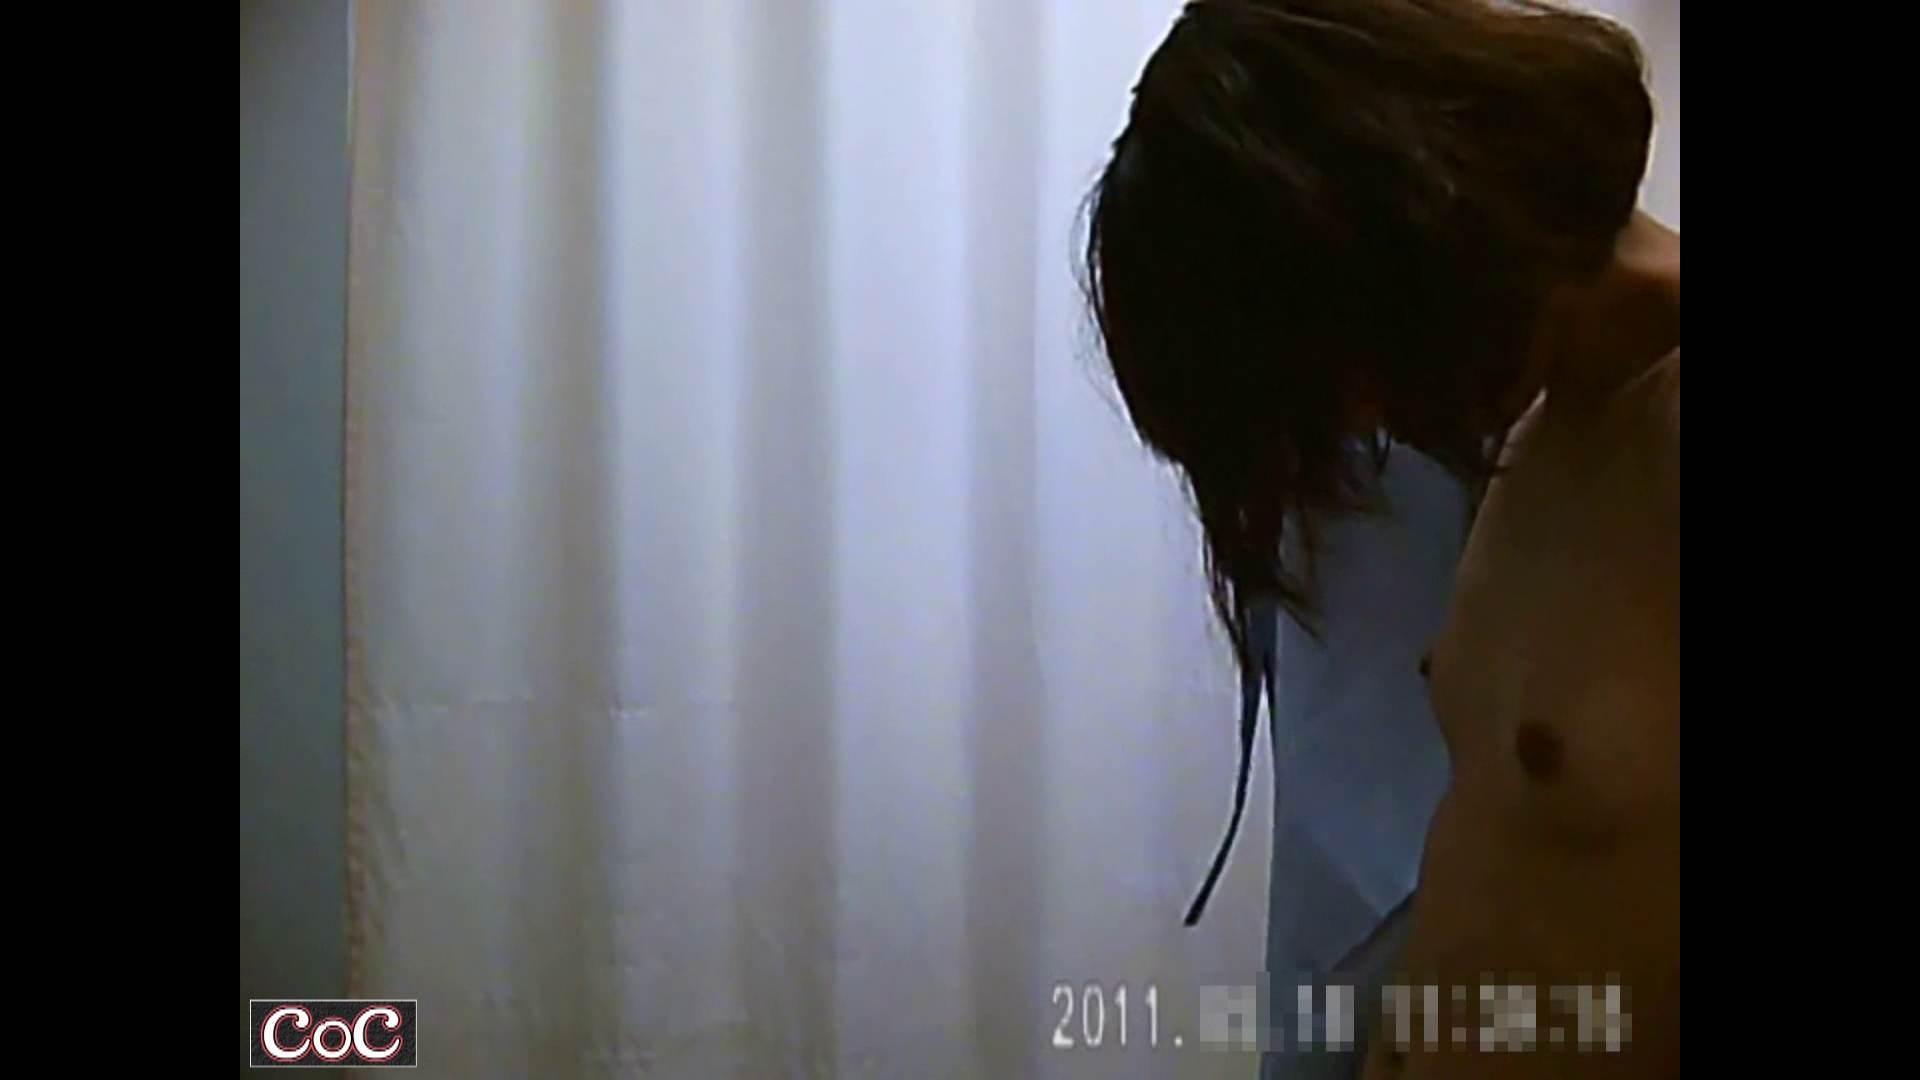 元医者による反抗 更衣室地獄絵巻 vol.161 OLハメ撮り  100Pix 11